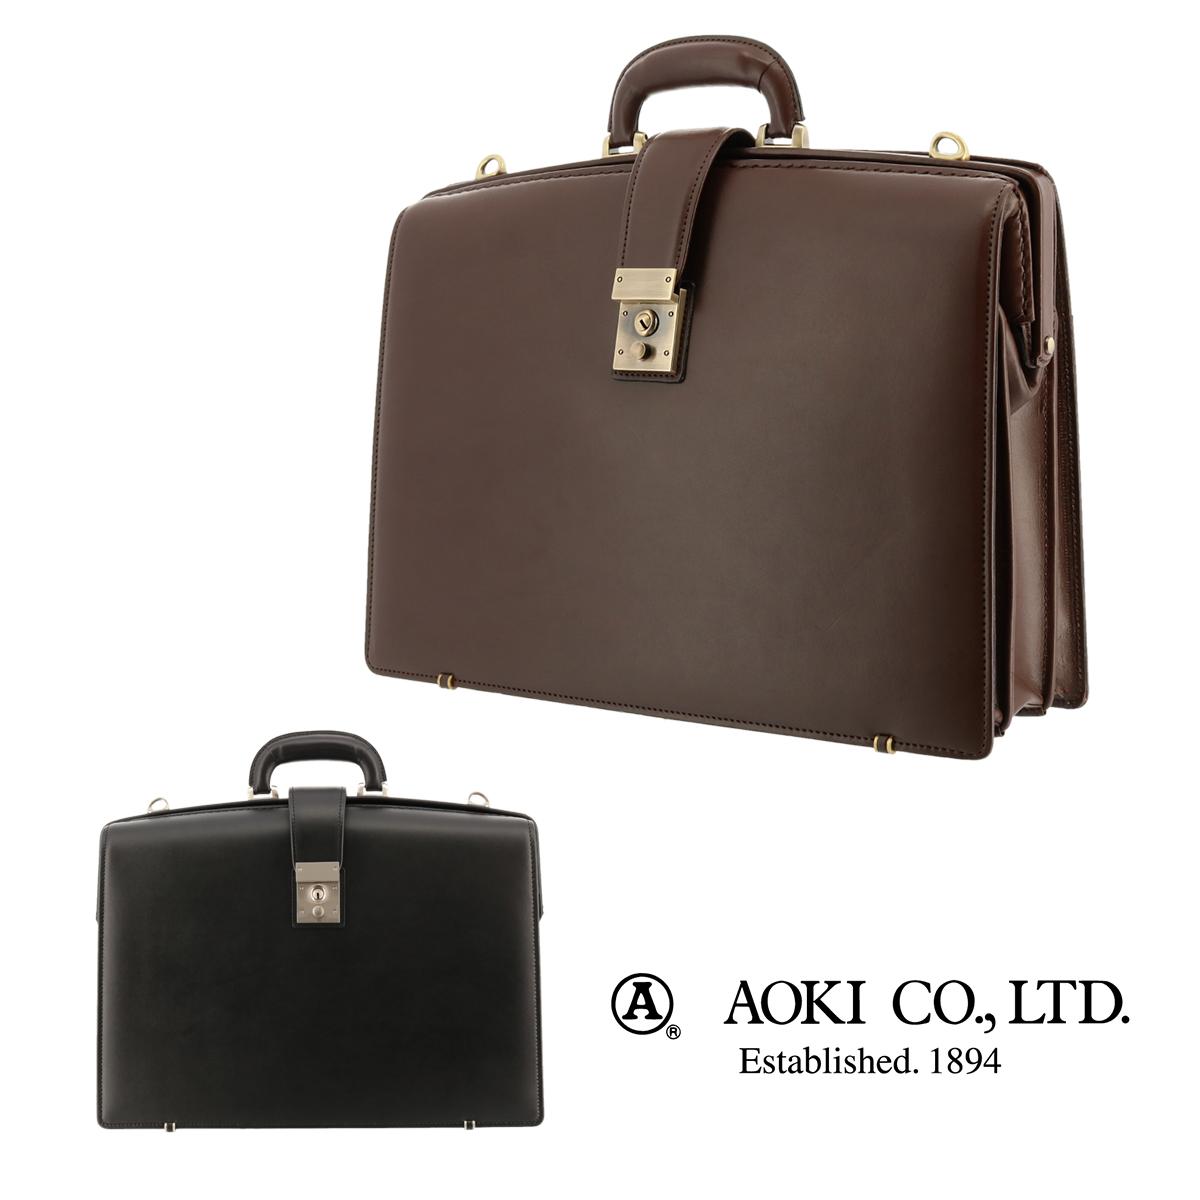 青木鞄 ラゲージアオキ1894 Luggage AOKI 1894 ブリーフケース 2558 ジーニアス |アオキ カバン 2WAY ビジネスバッグ ダレスバッグ メンズ レザー[bef][PO10]